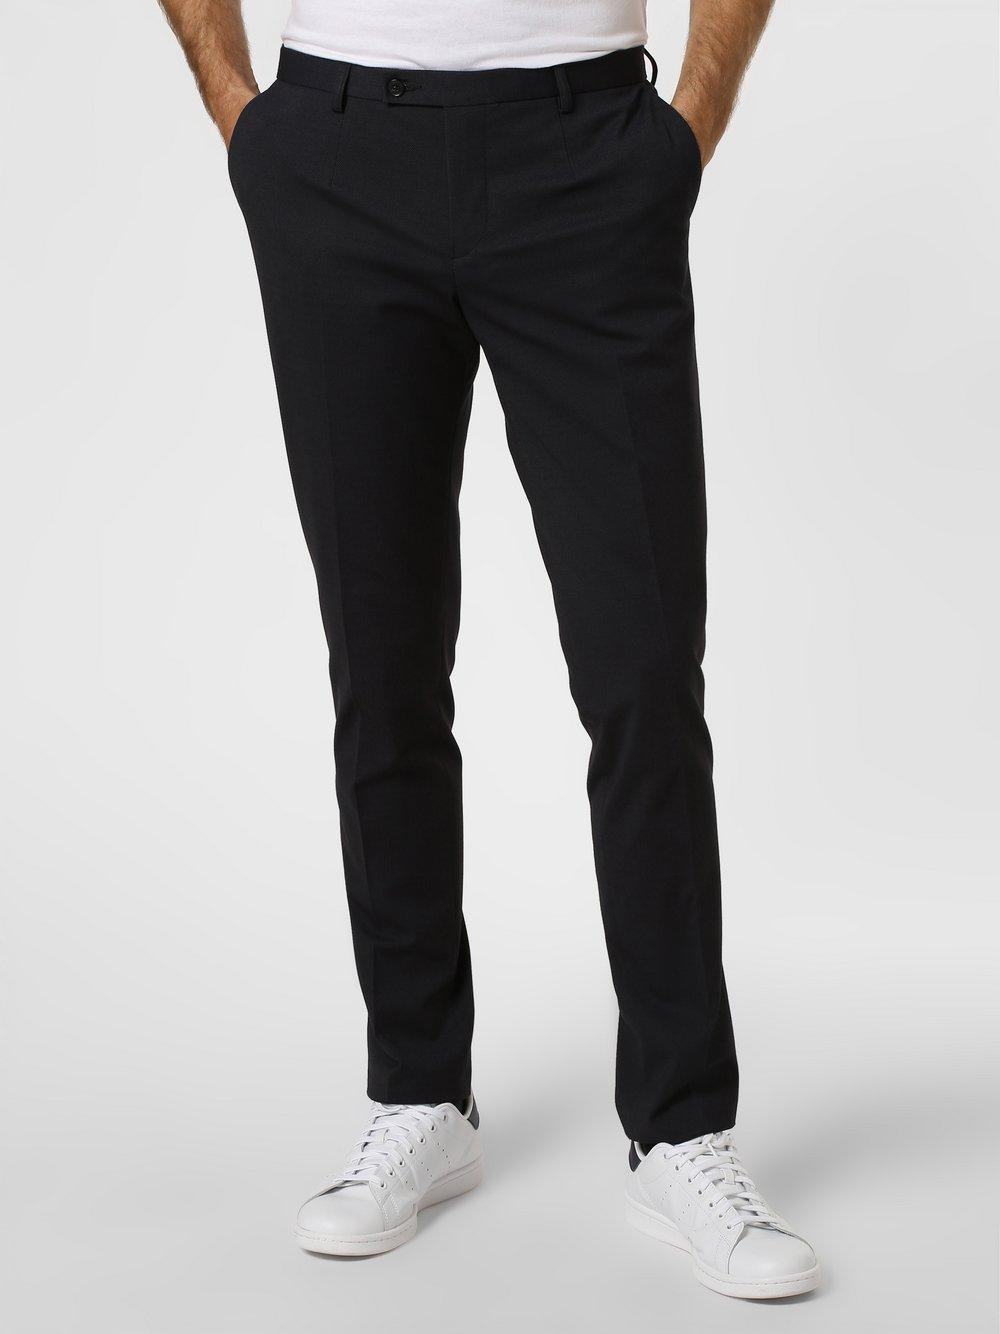 Finshley & Harding London - Męskie spodnie od garnituru modułowego – Hudson, niebieski